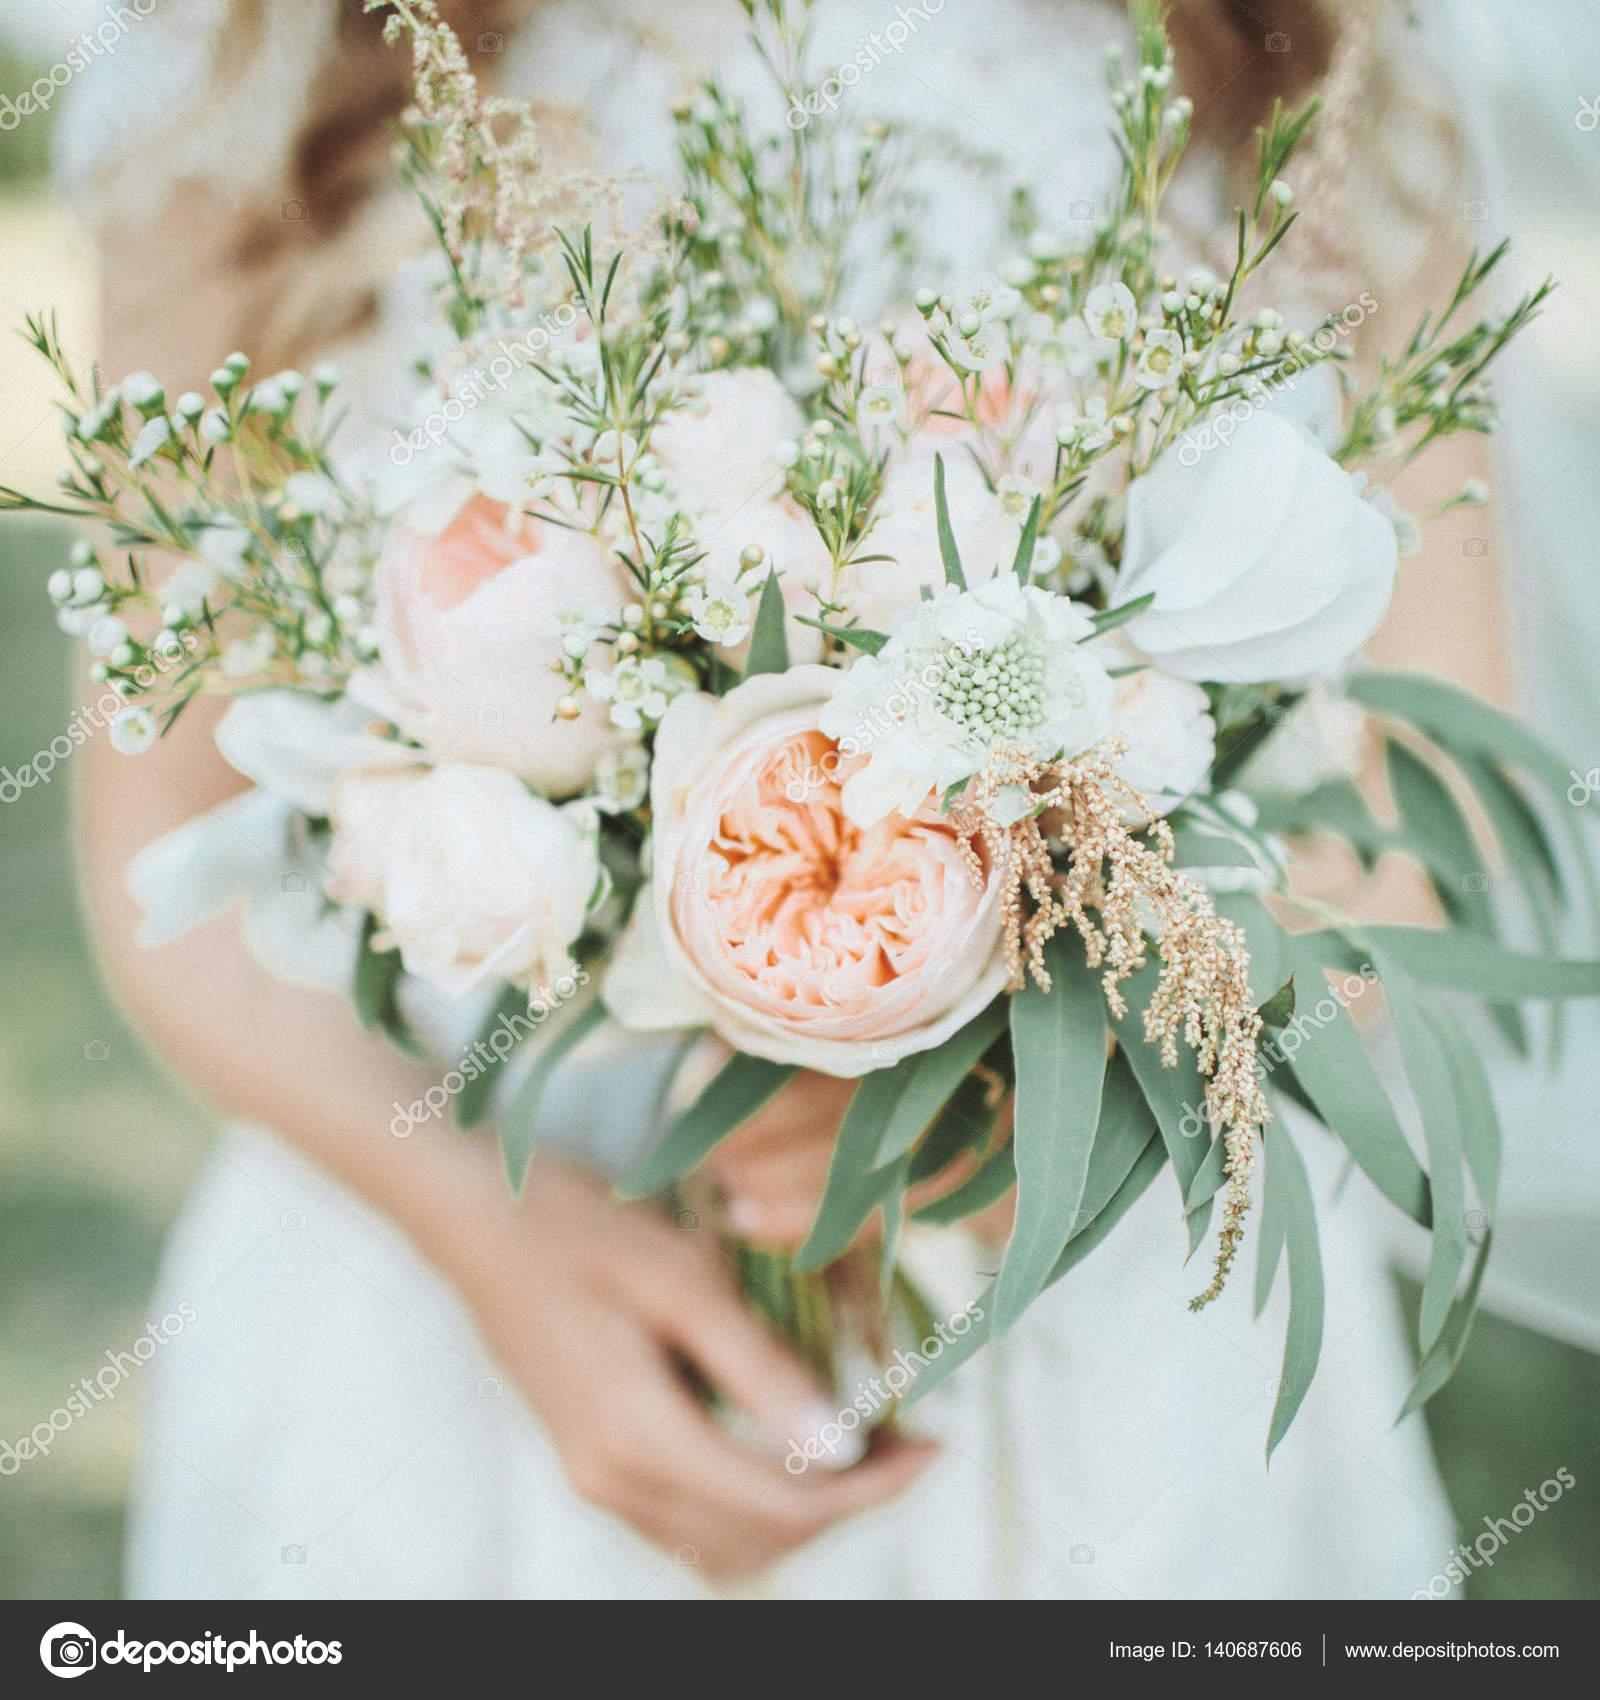 Schone Hochzeit Blumenstrauss In Handen Der Braut Stockfoto